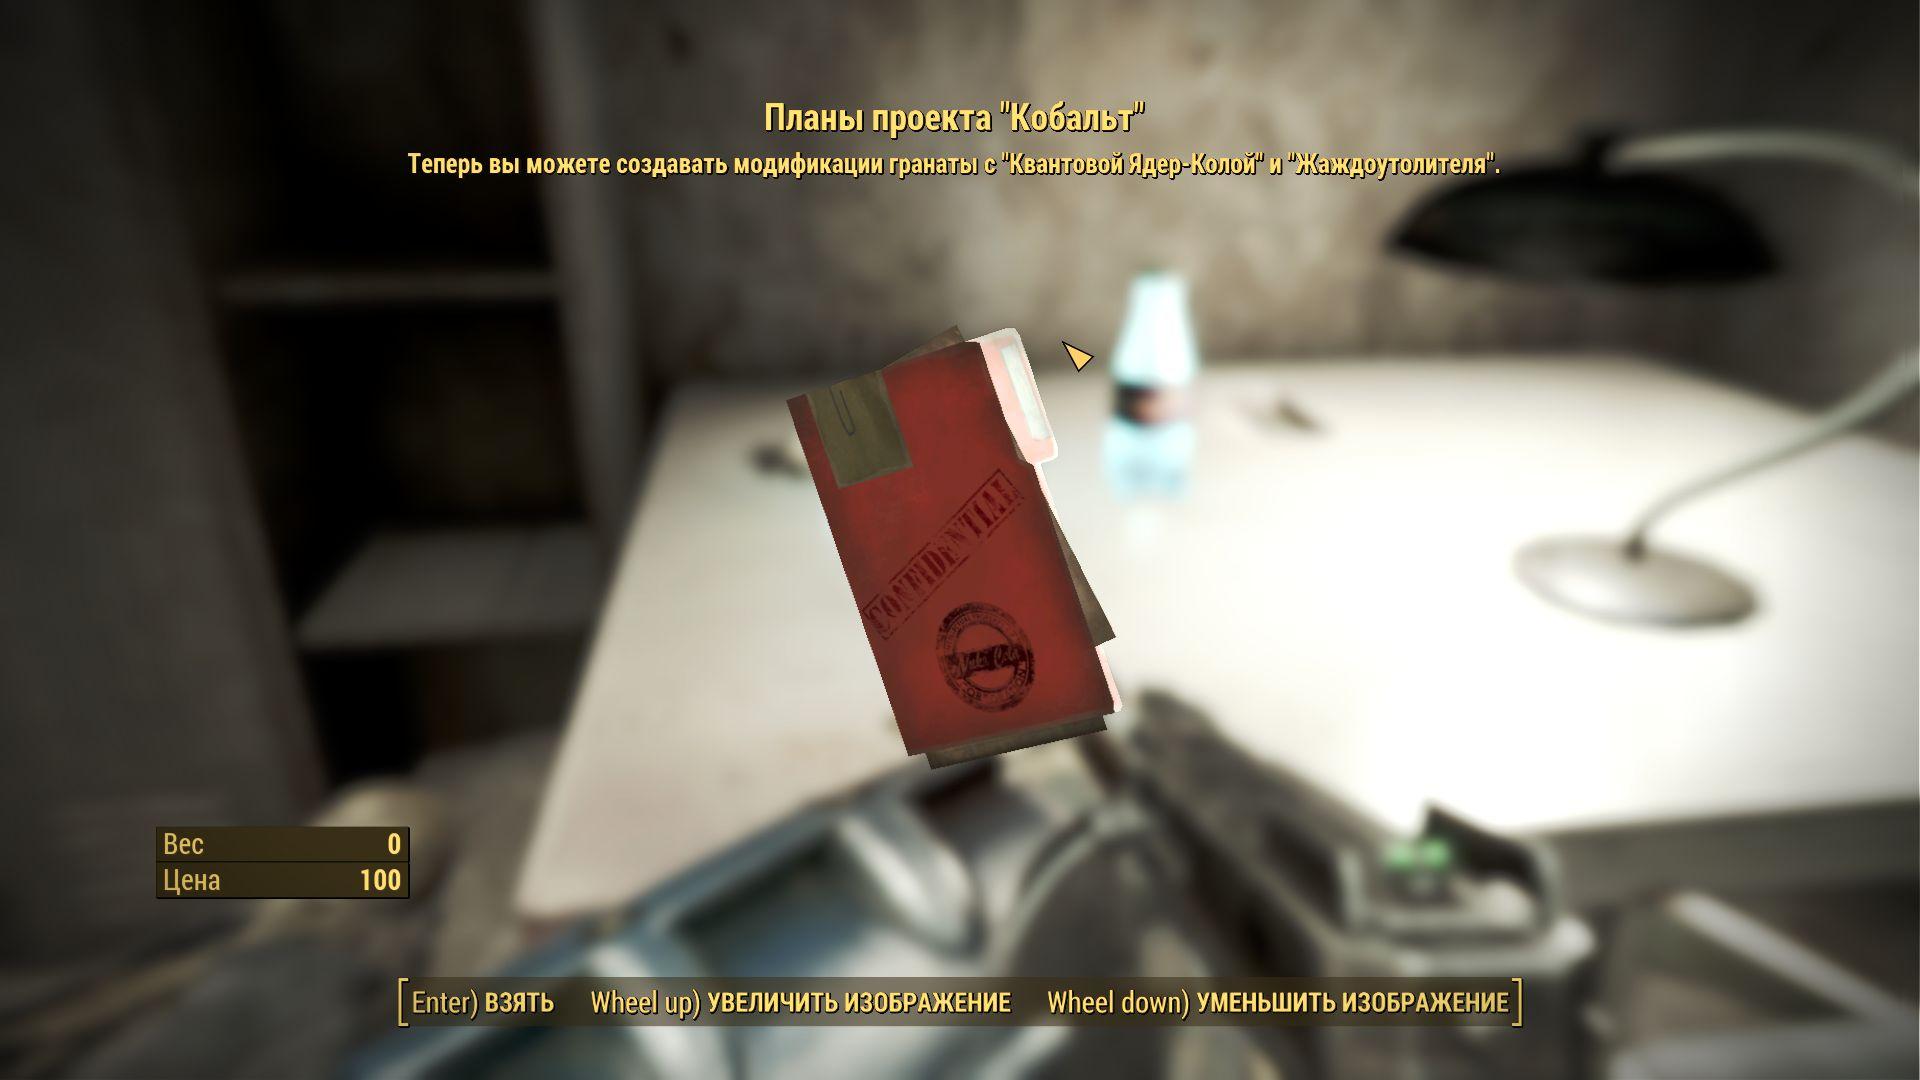 Планы проекта Кобальт - Fallout 4 гранаты, квантовая, секретная лаборатория